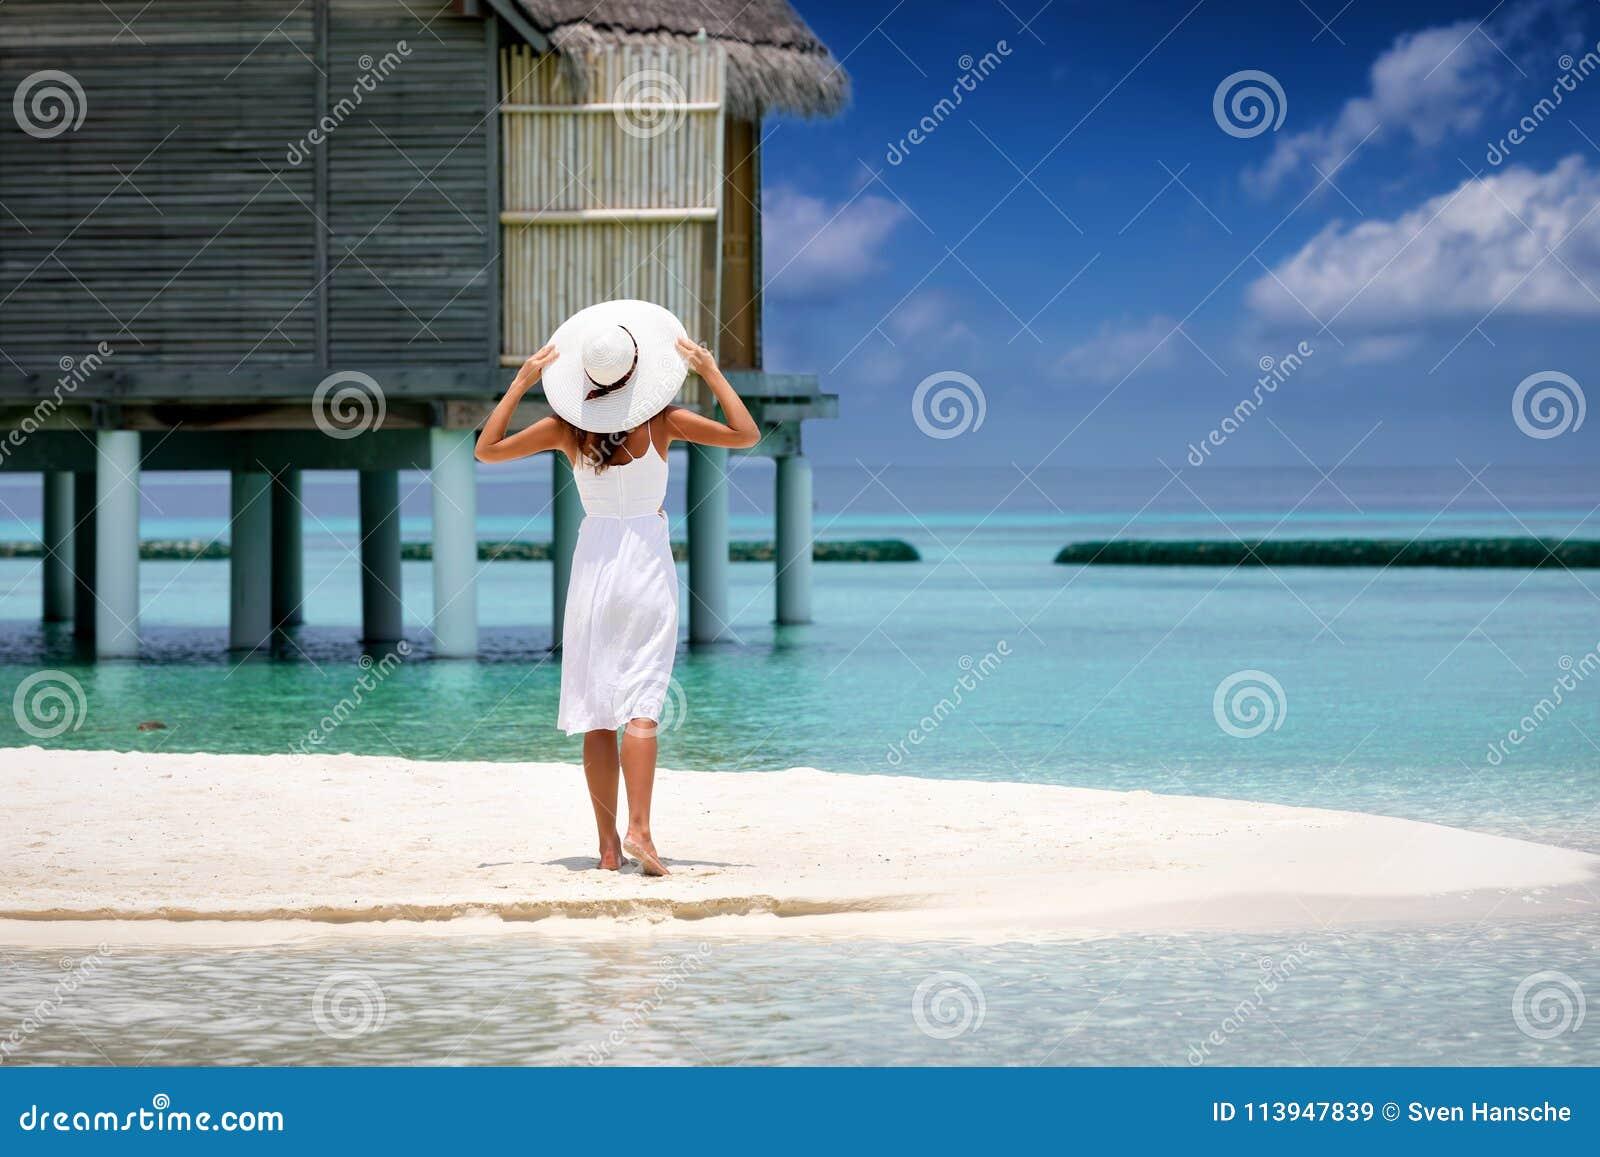 Όμορφη γυναίκα στις άσπρες στάσεις φορεμάτων σε μια παραλία στις Μαλδίβες